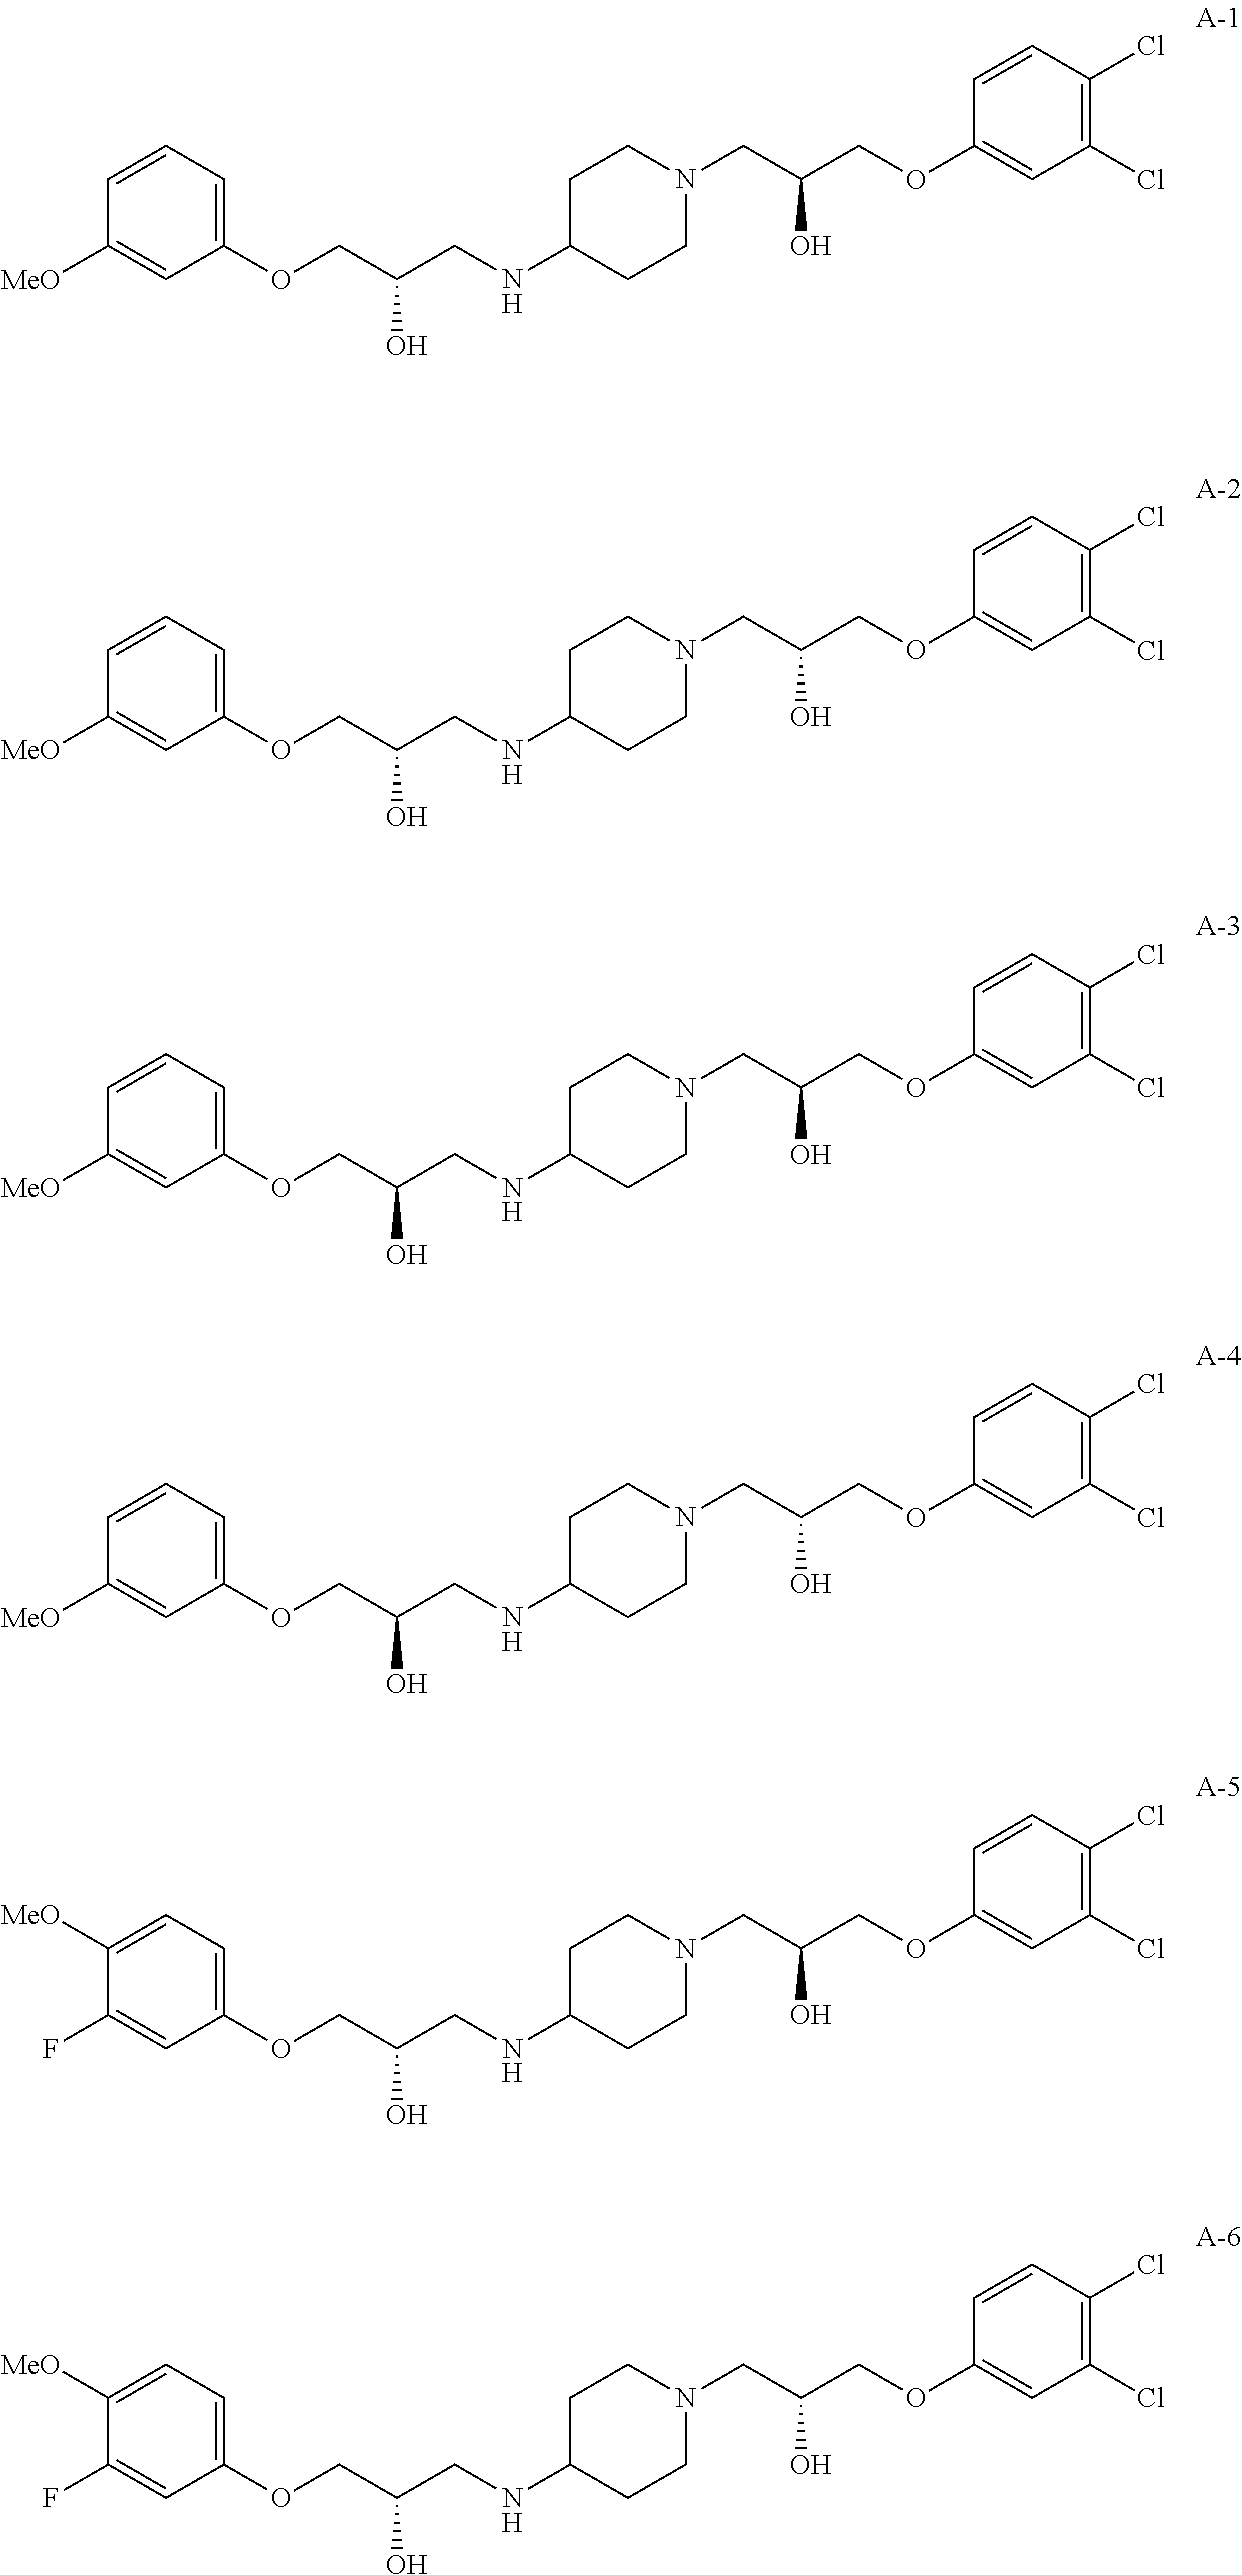 Figure US20190100493A1-20190404-C00005